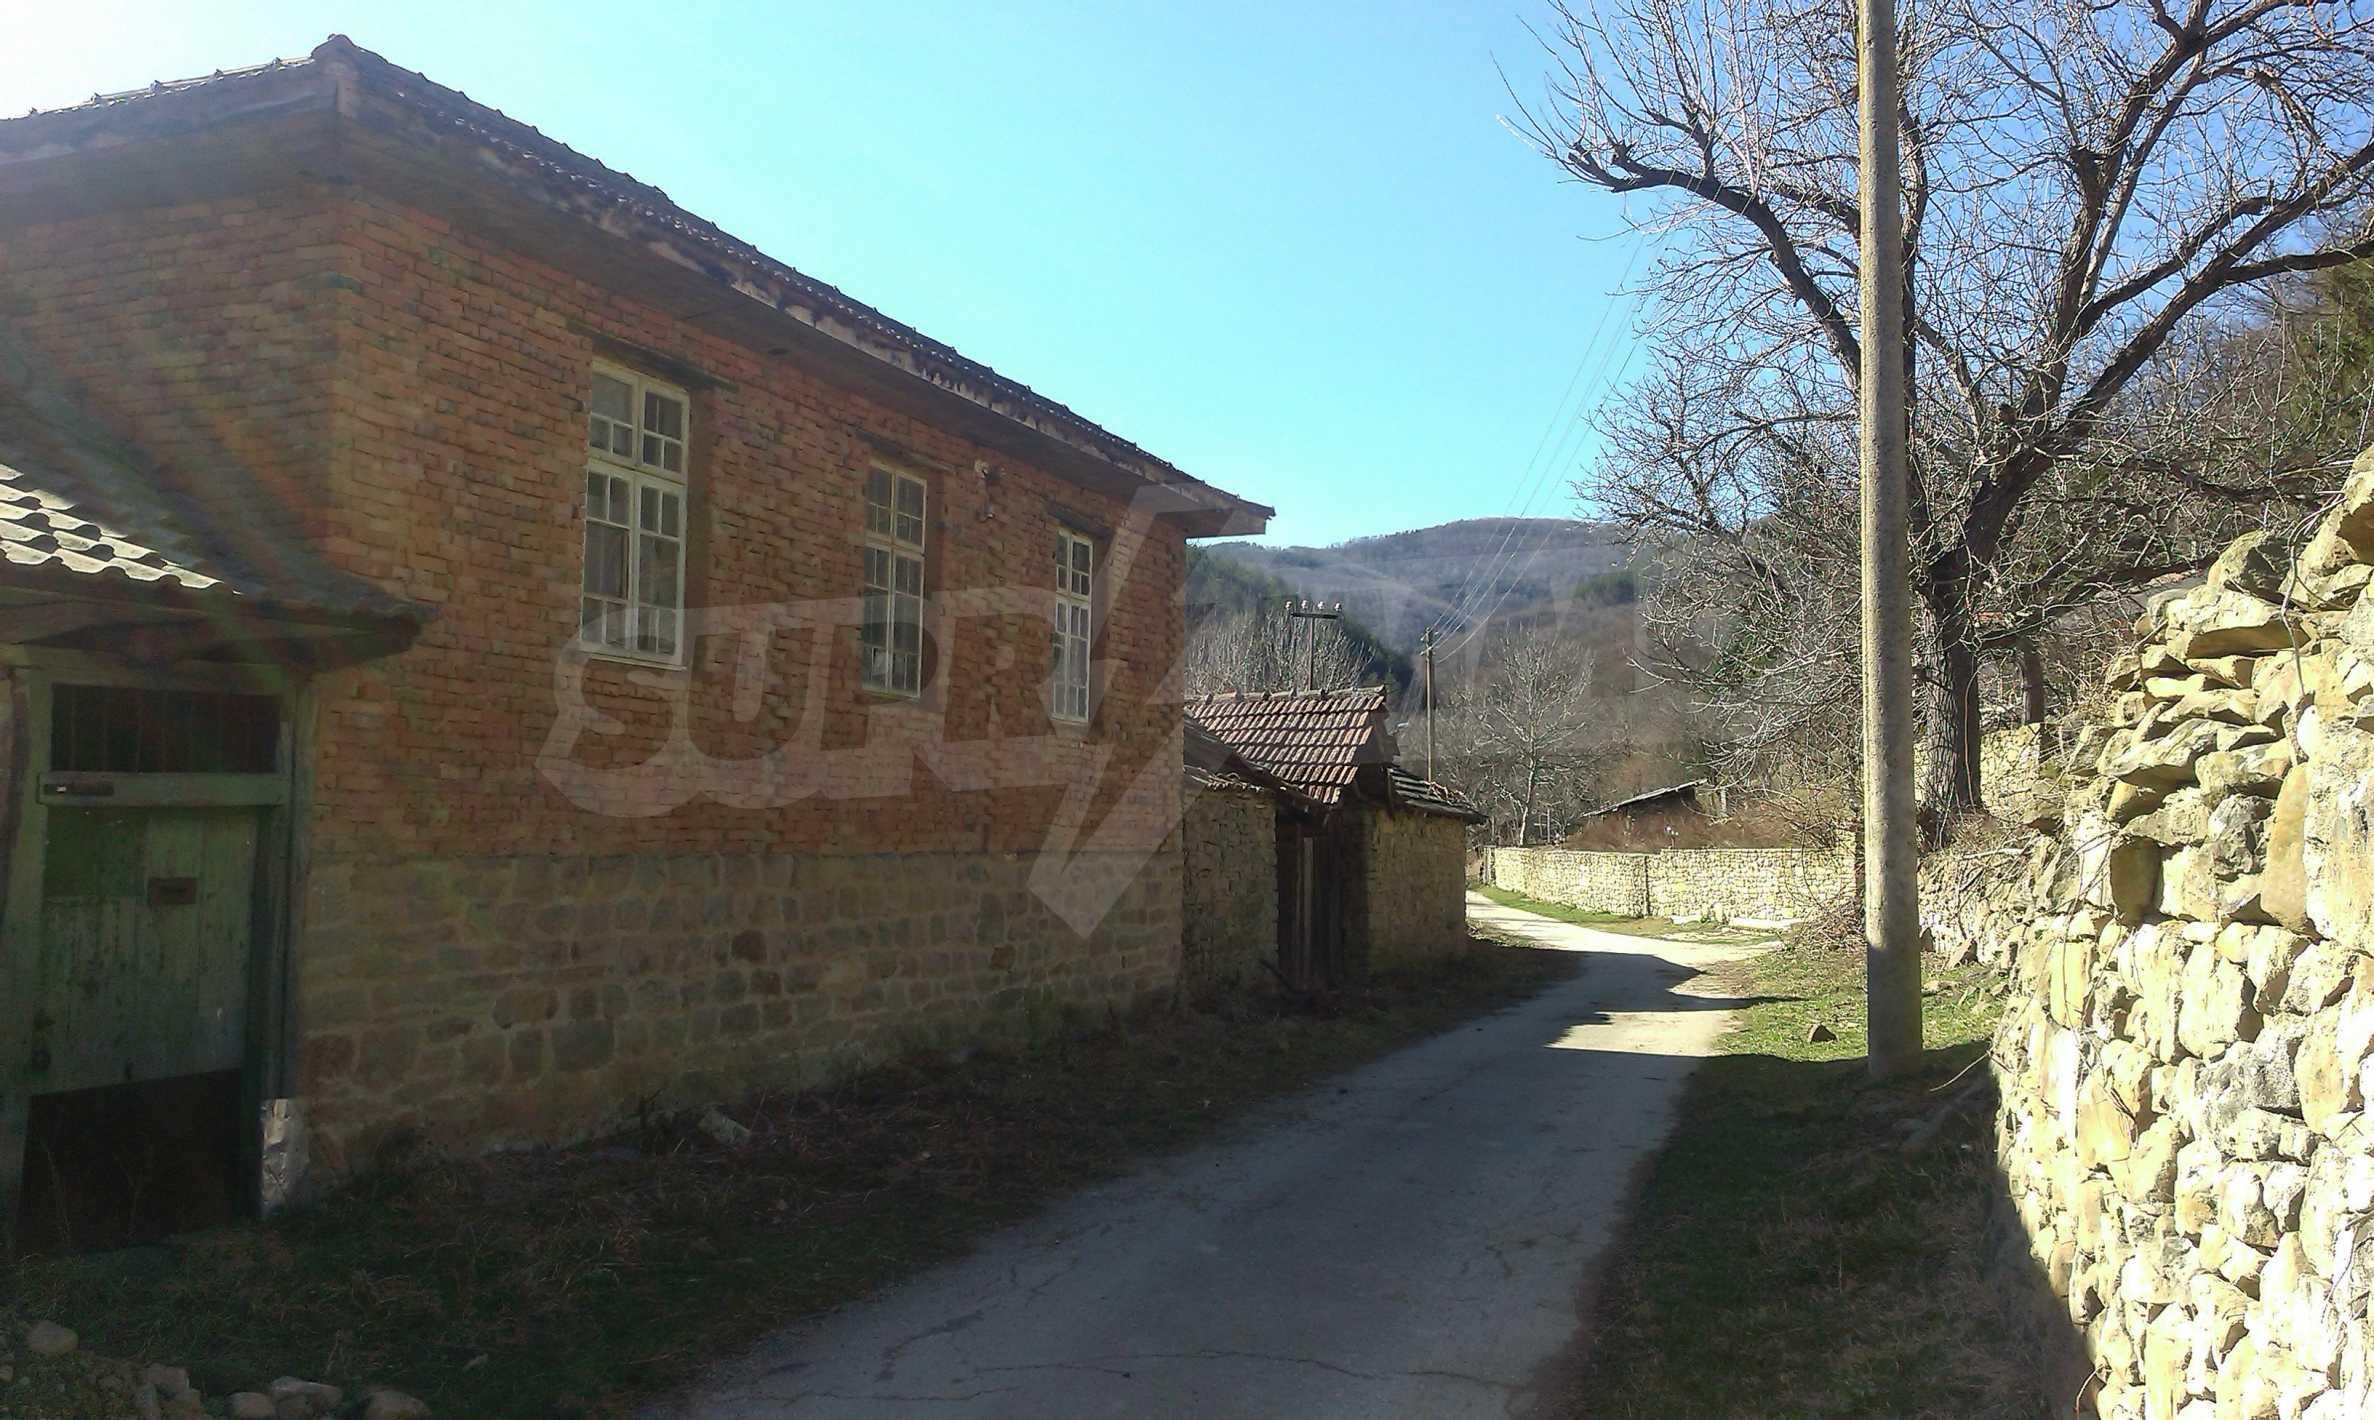 Тухлена двуетажна къща само на 22 км от Велико Търново  24